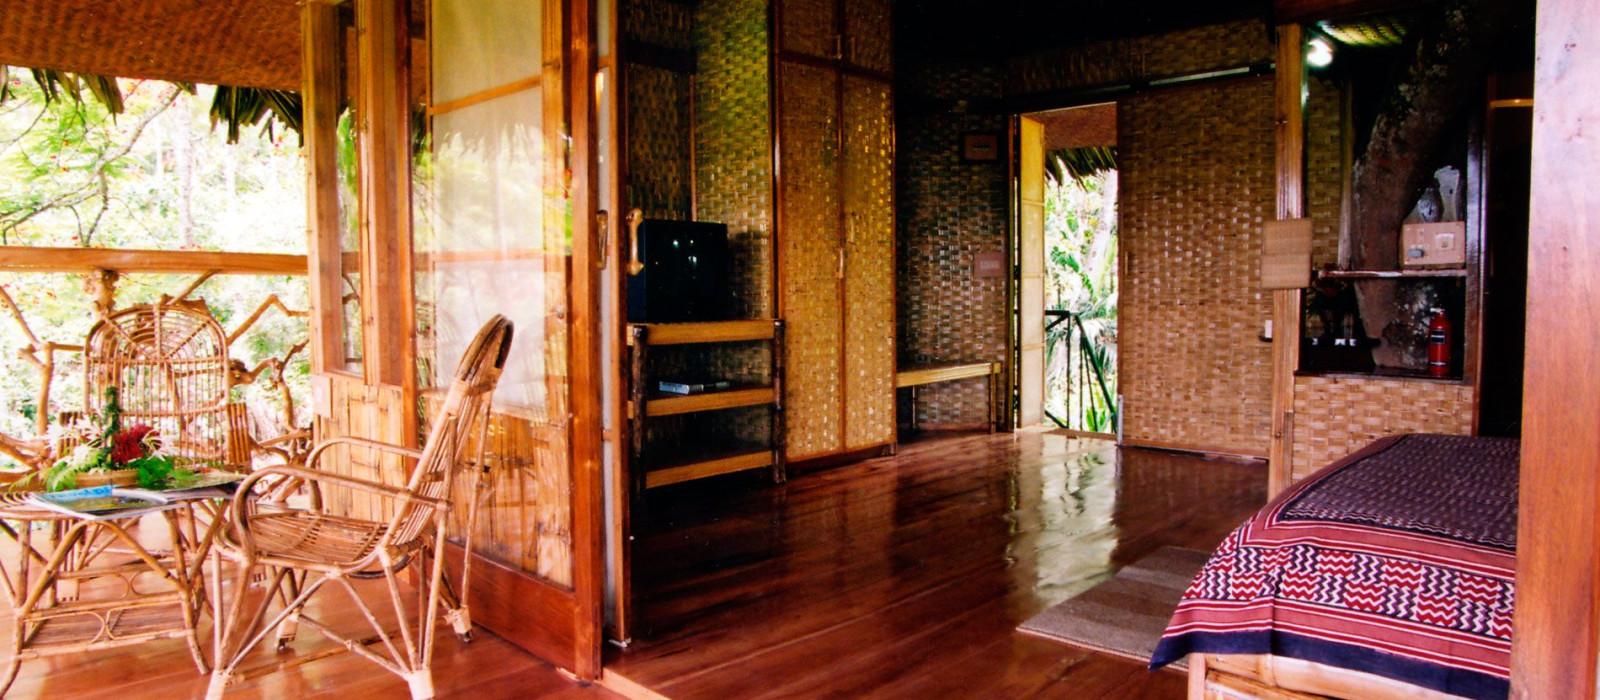 Hotel Tranquil Südindien